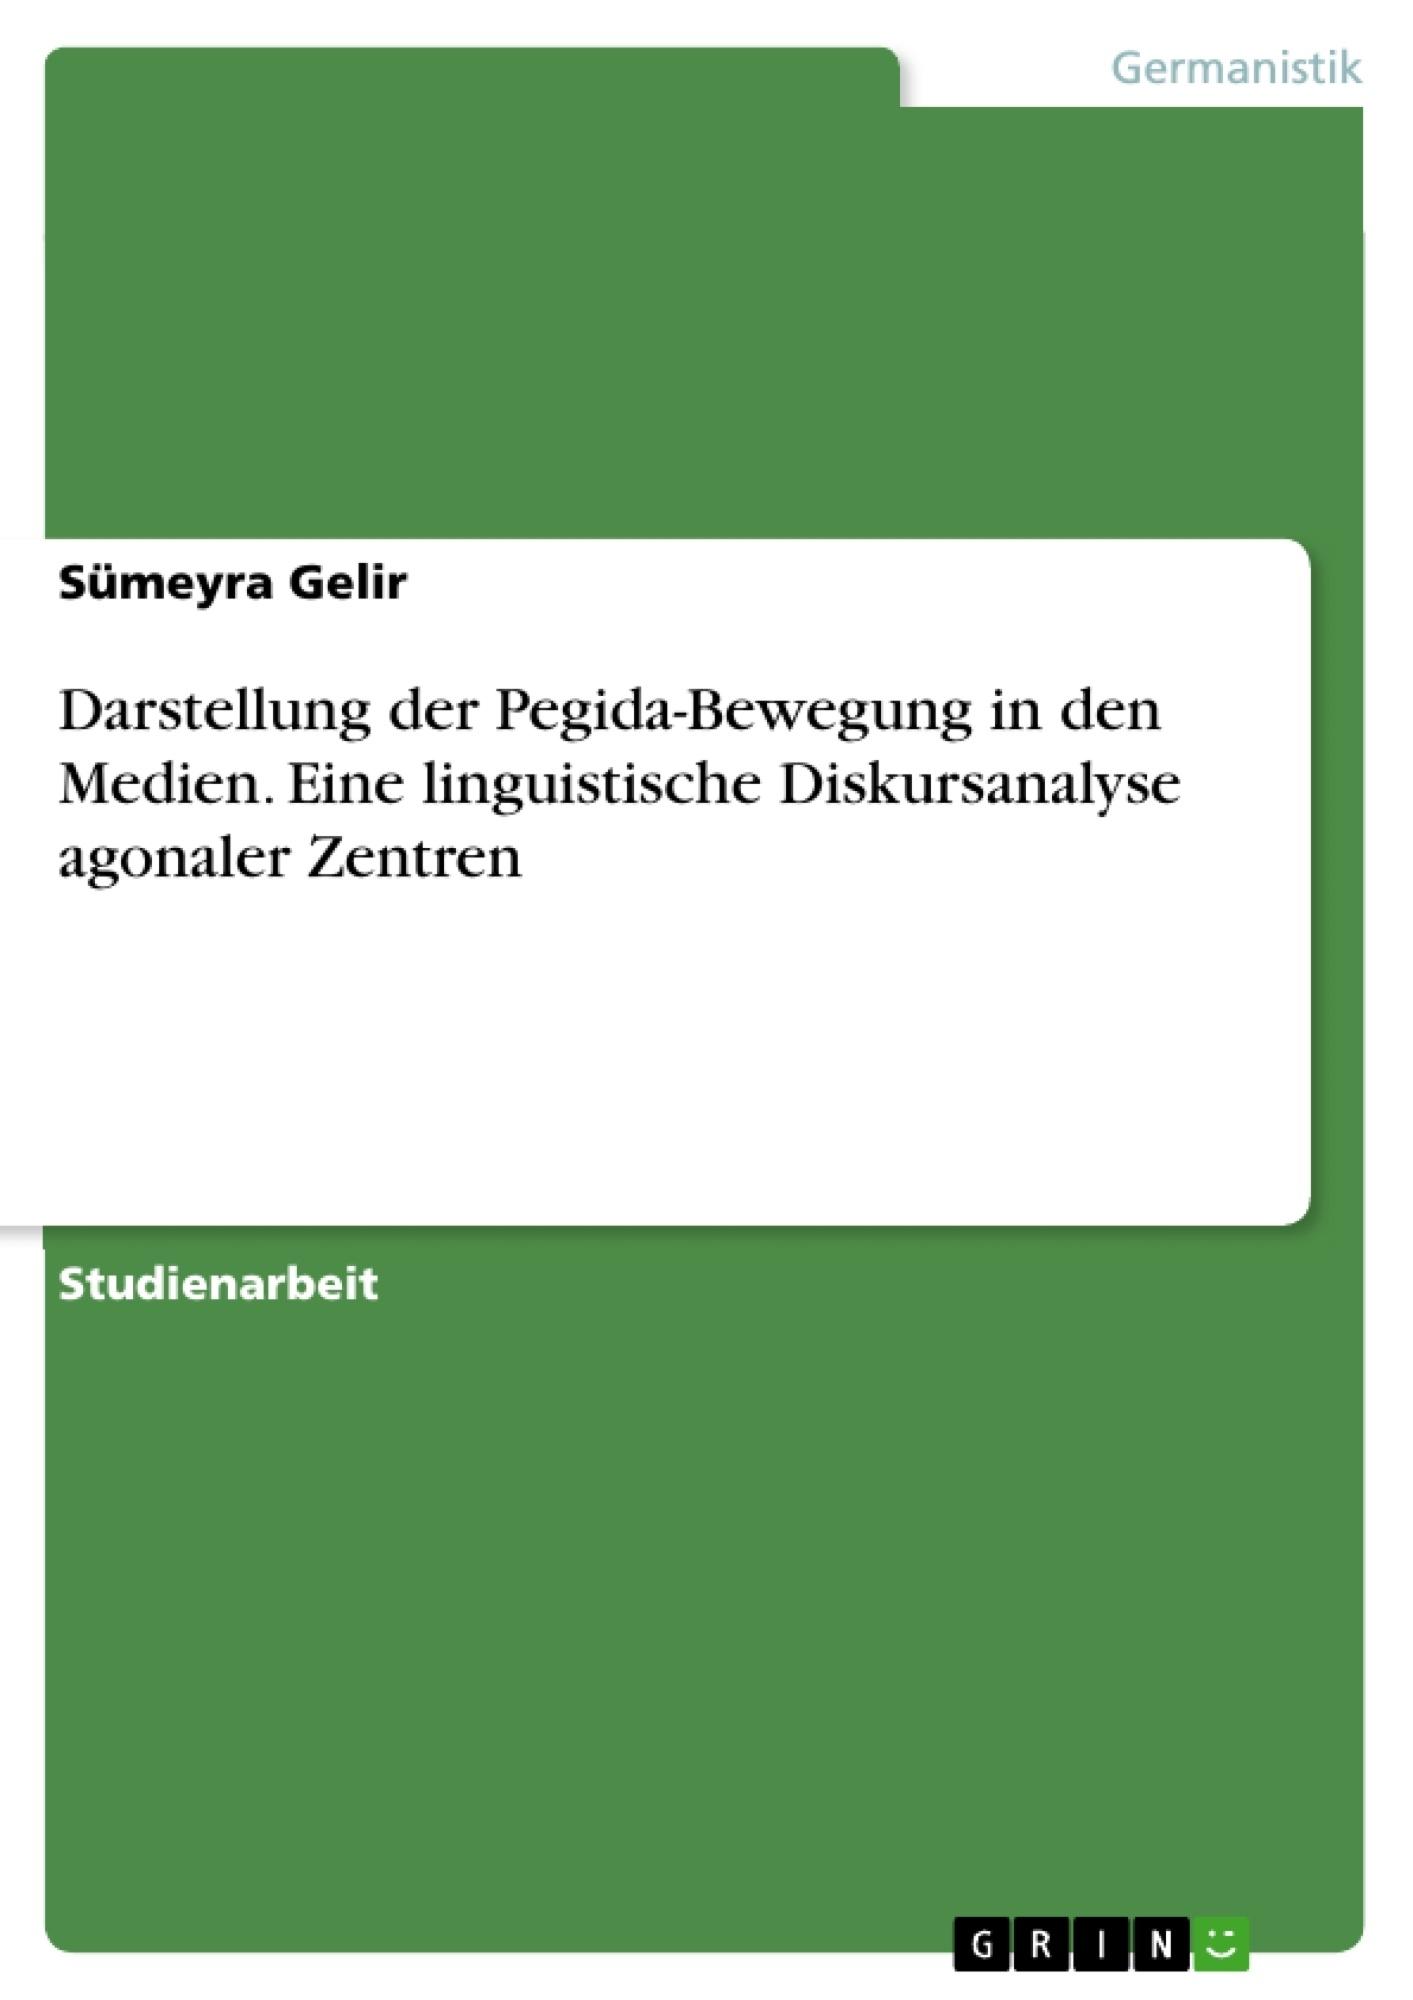 Titel: Darstellung der Pegida-Bewegung in den Medien. Eine linguistische Diskursanalyse agonaler Zentren